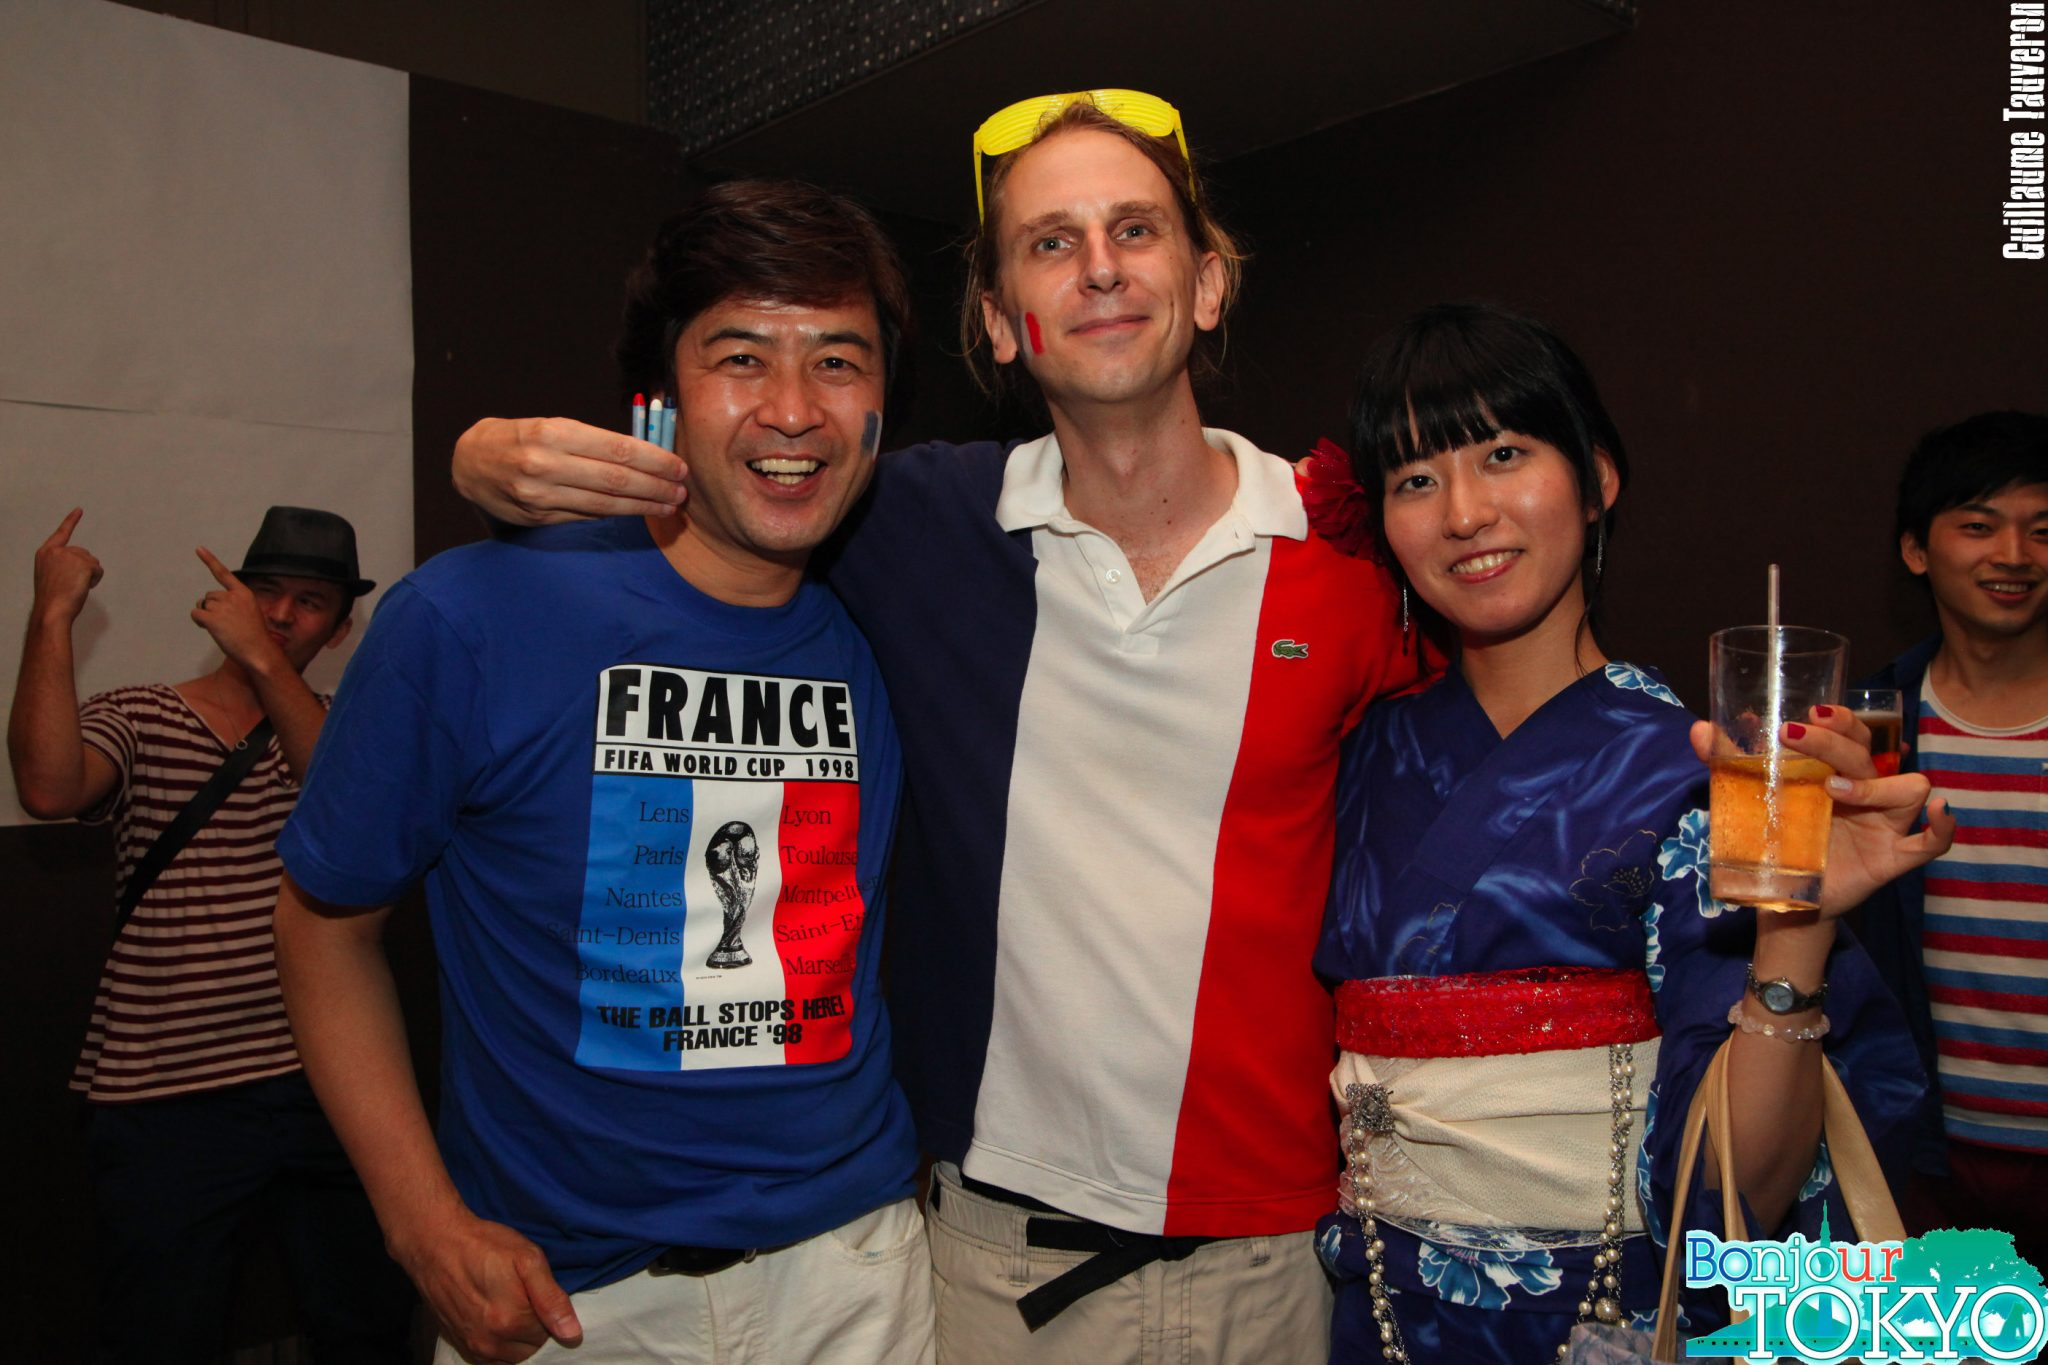 Les soirées tricolores avec Bonjour Tokyo